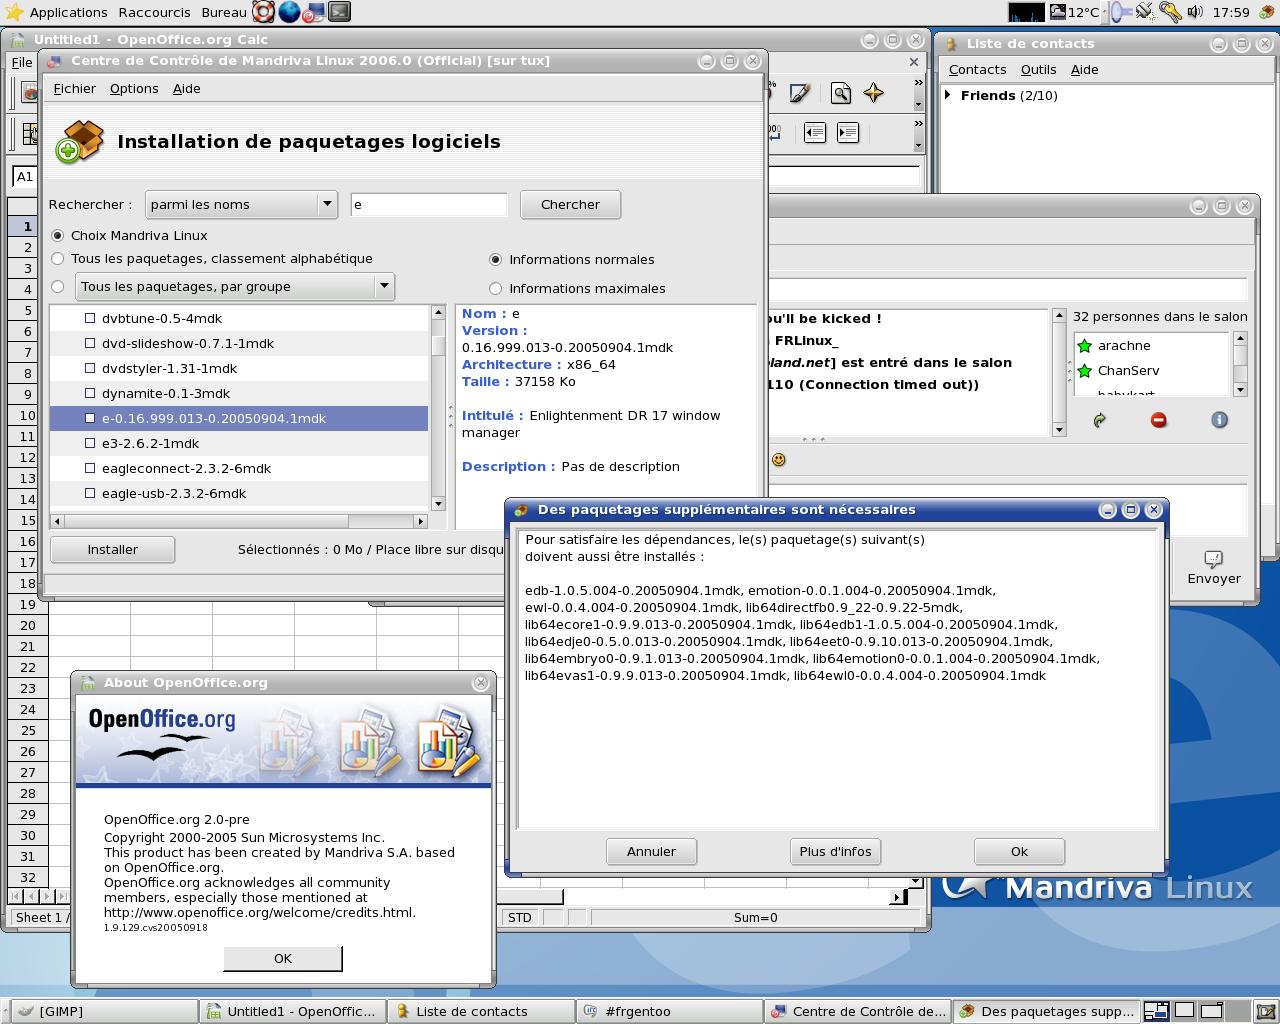 gnome2.10-mandriva2006